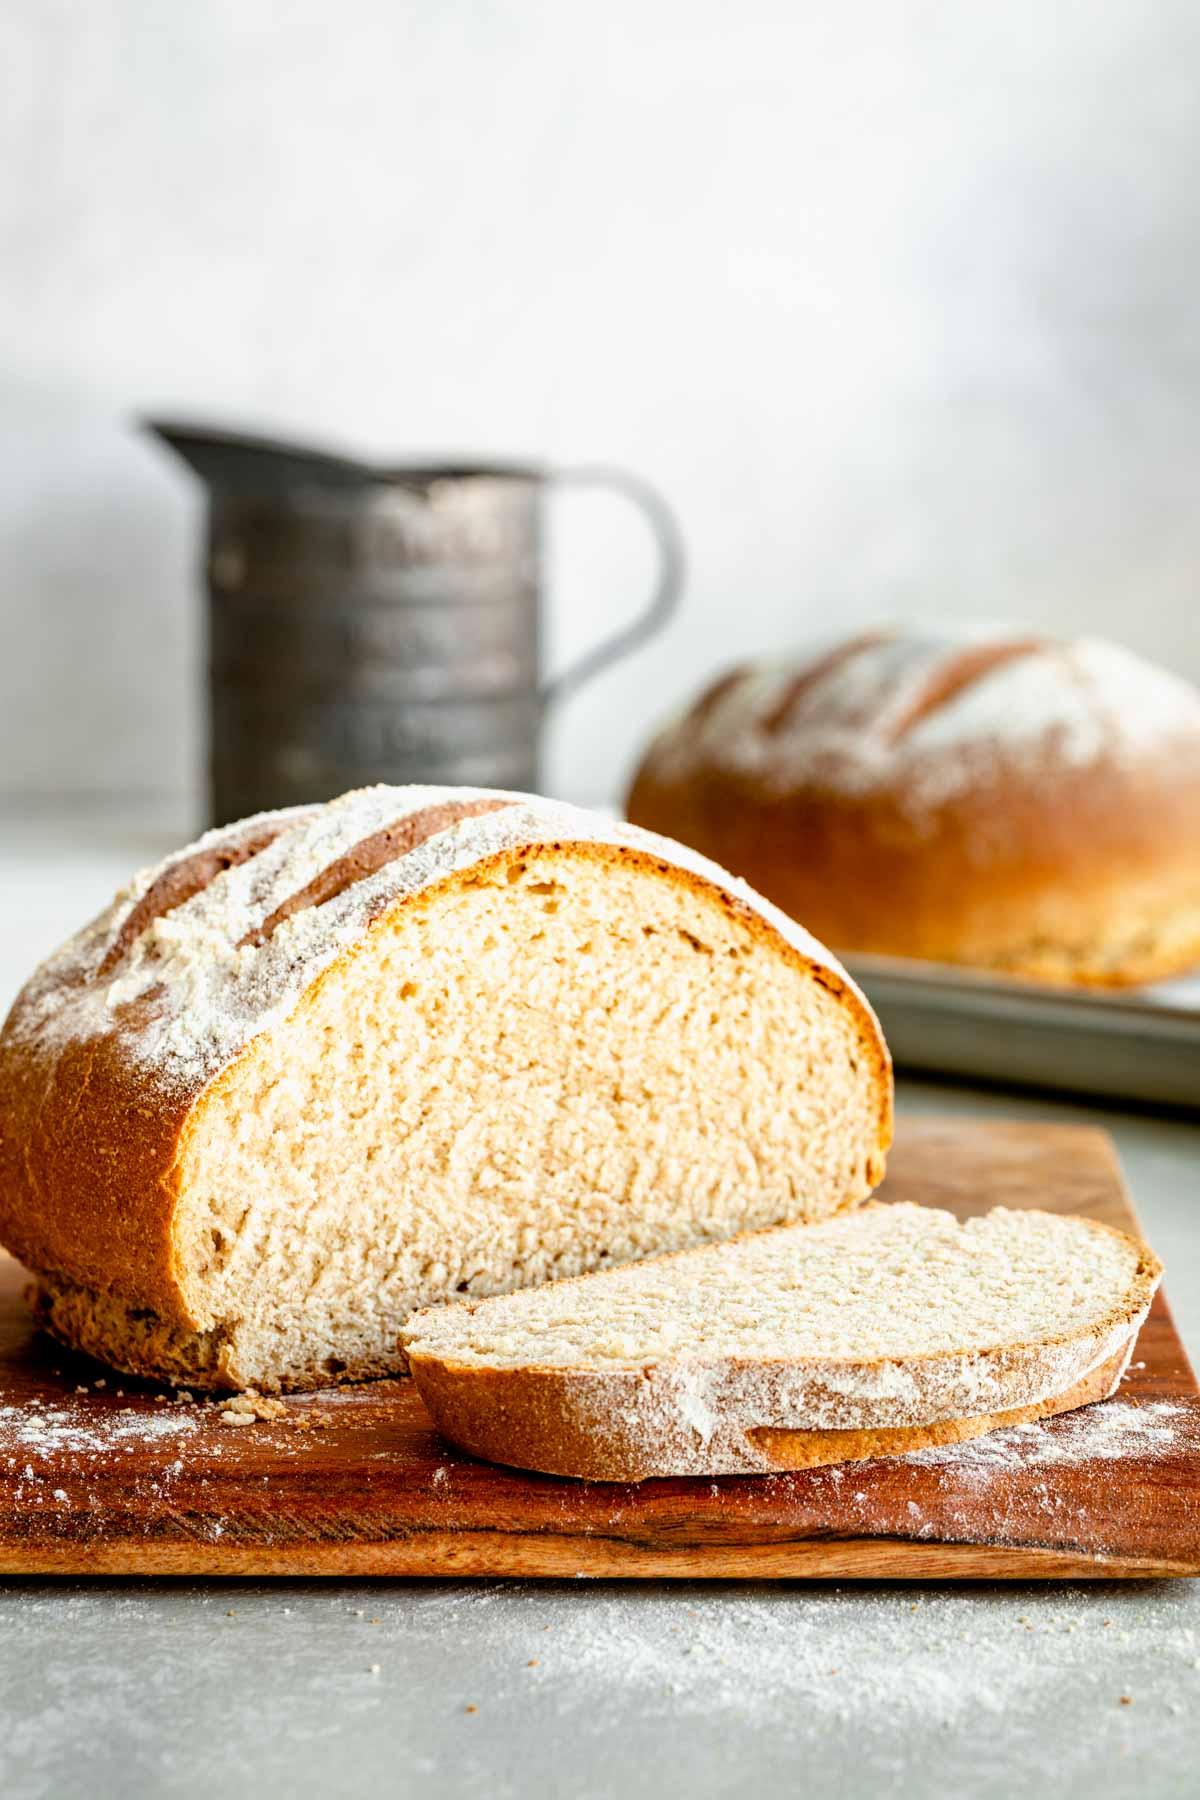 a loaf of bread cut open on a board